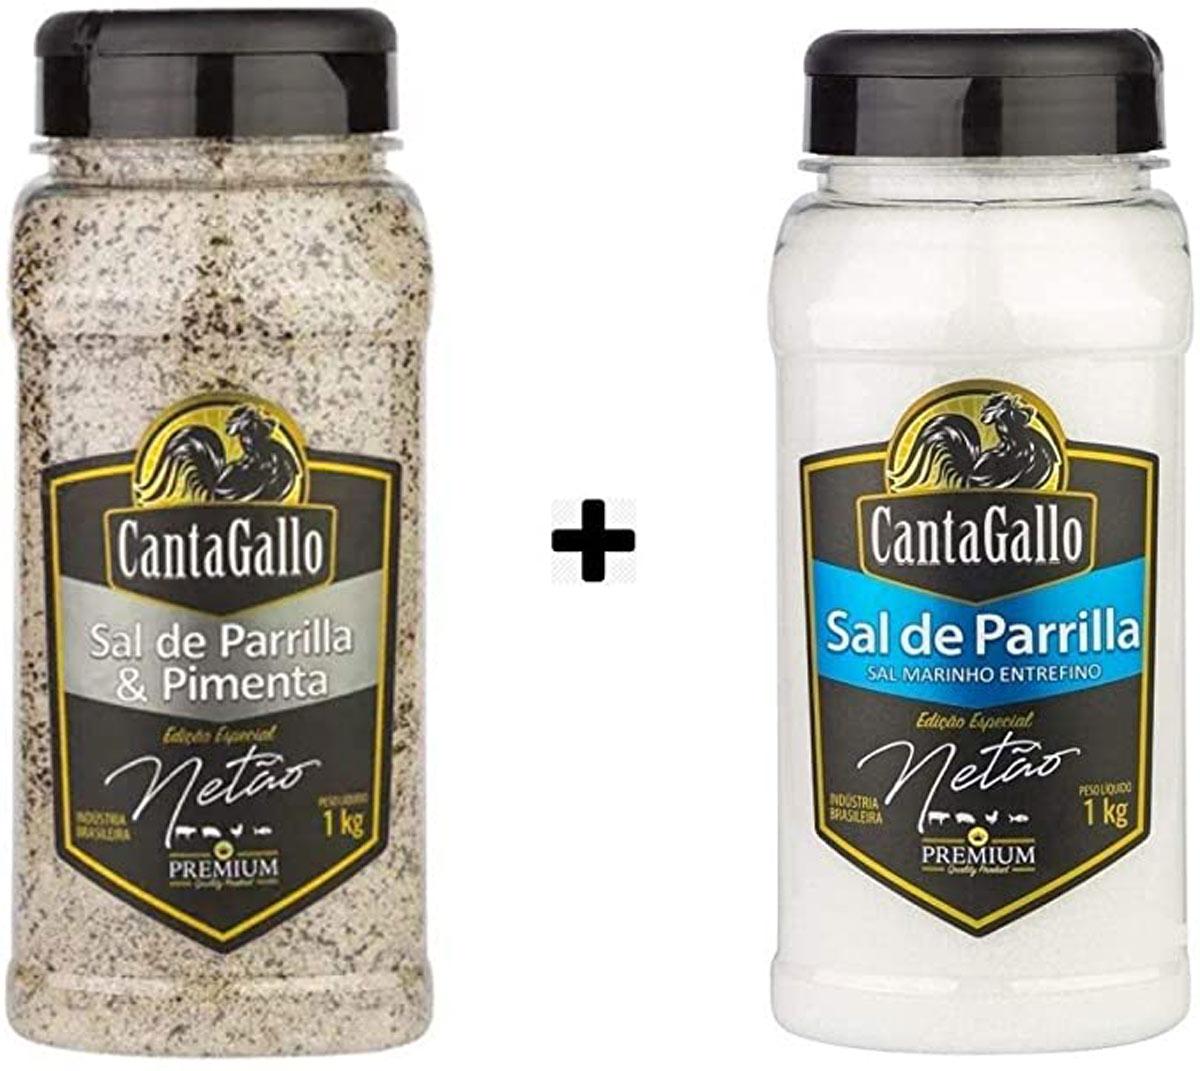 Kit para Churrasco Netão com 2 Unidades - Sal de Parrilla e Sal de Parrilla com Pimenta